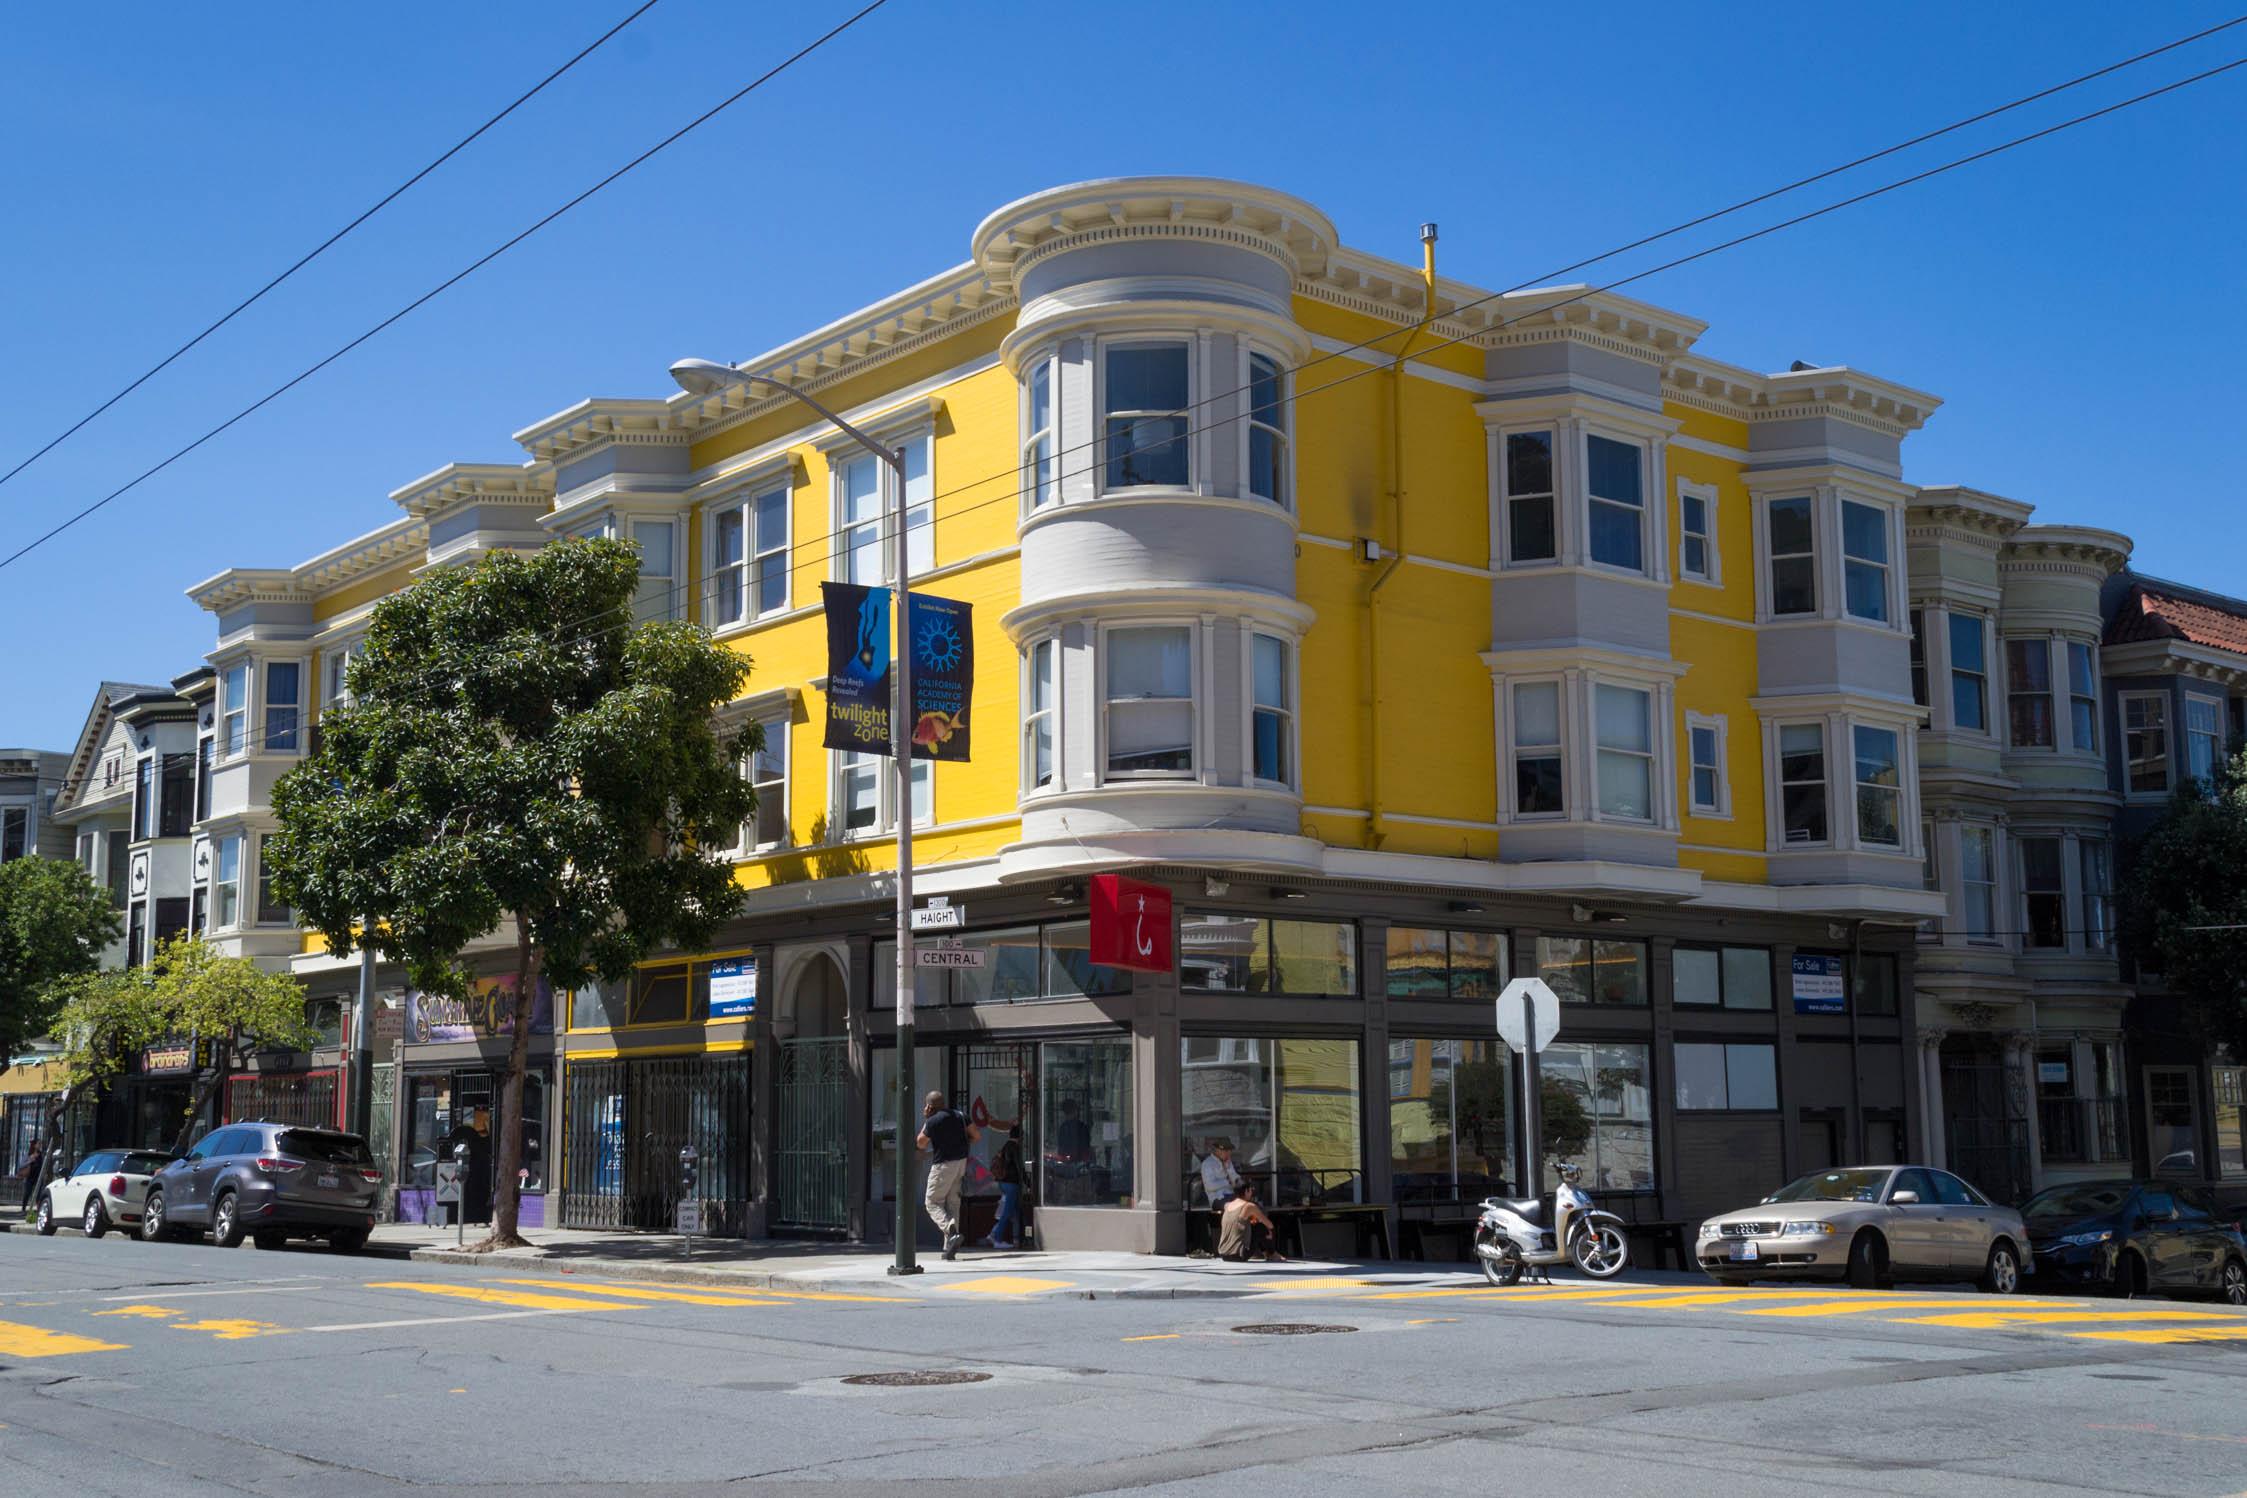 Une maison typique de San Francisco sur Haight St